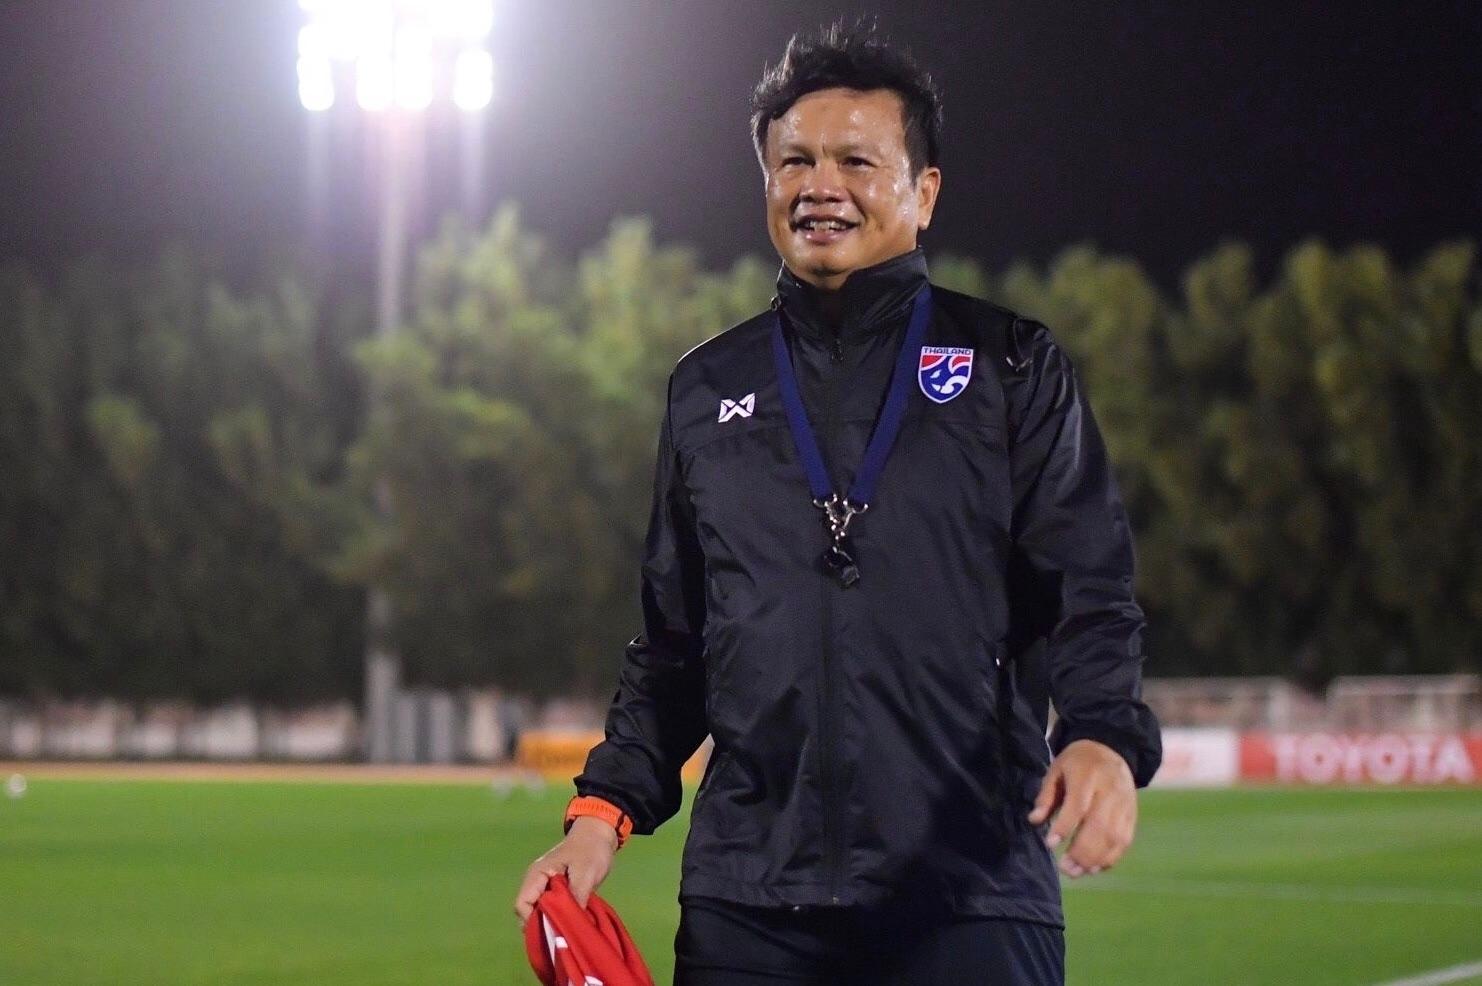 泰媒:越南确定参加19年泰王杯,中国、印度有望参赛